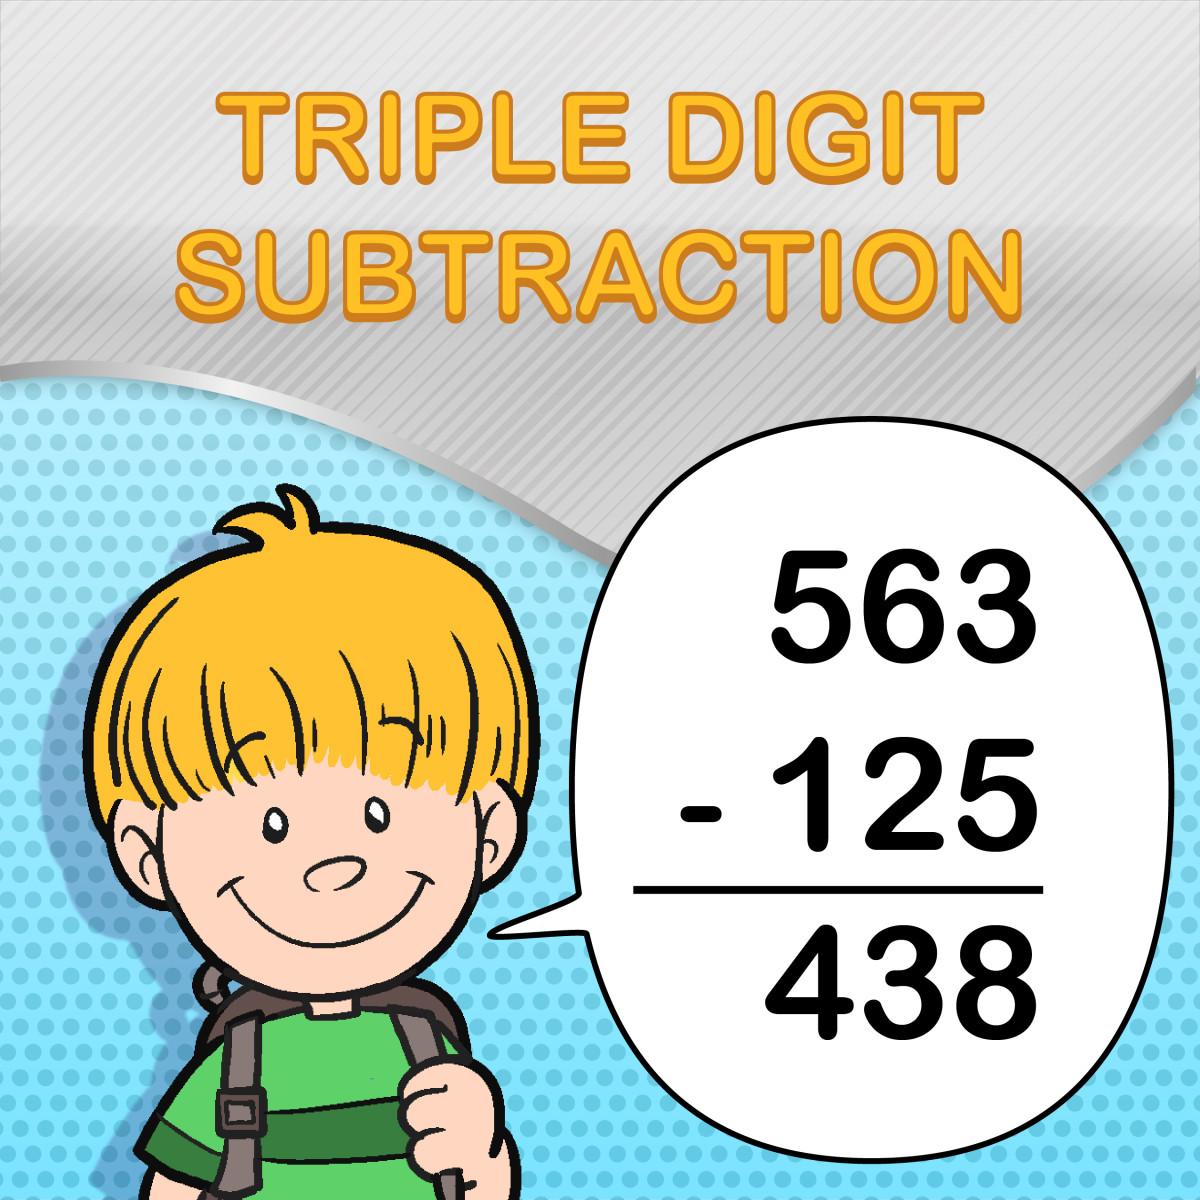 Triple Digit Subtraction Worksheets For Kids